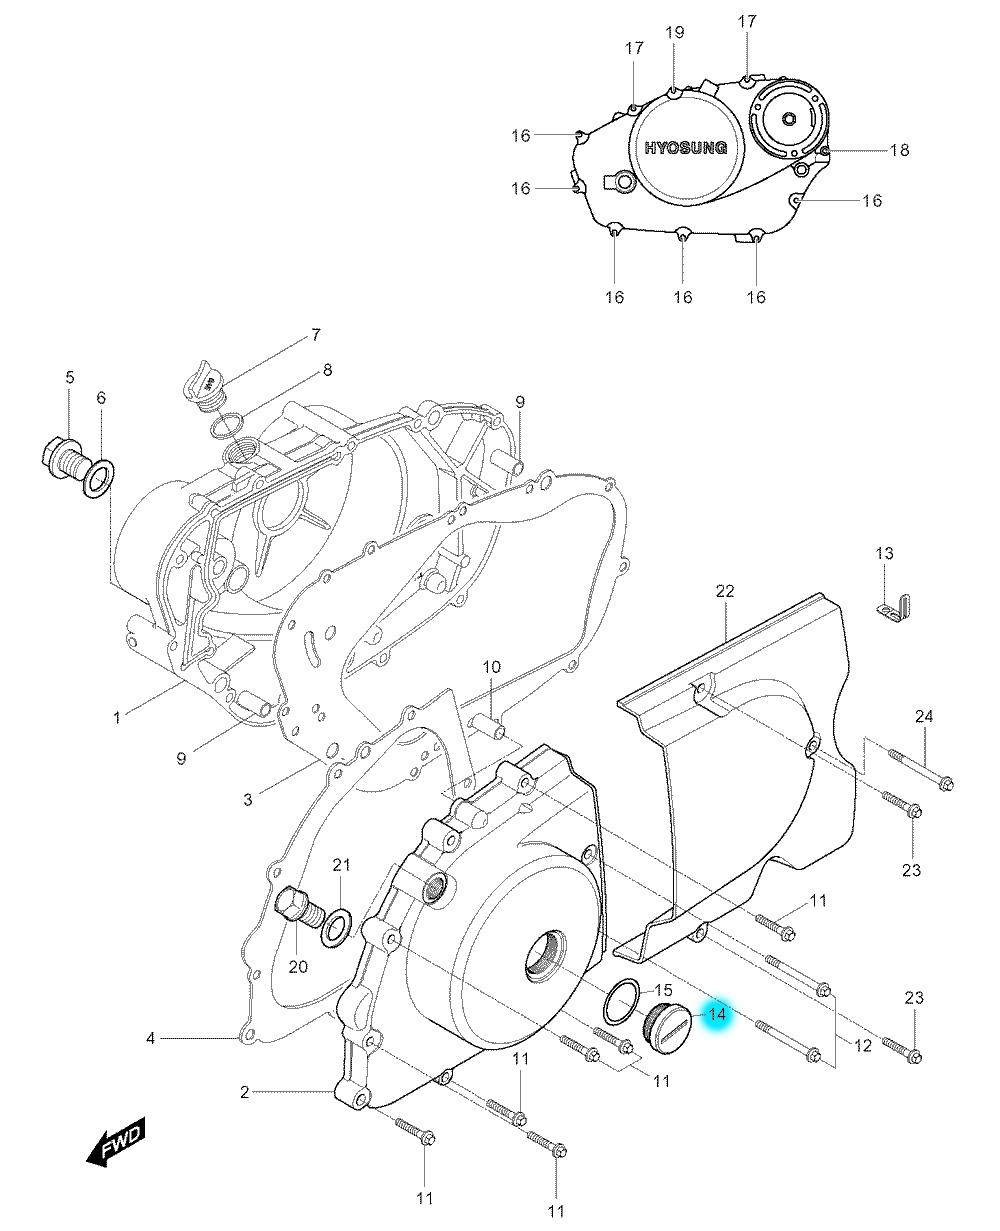 [14] Šroubová zátka (motor - kryty skříně) - Hyosung GV 250